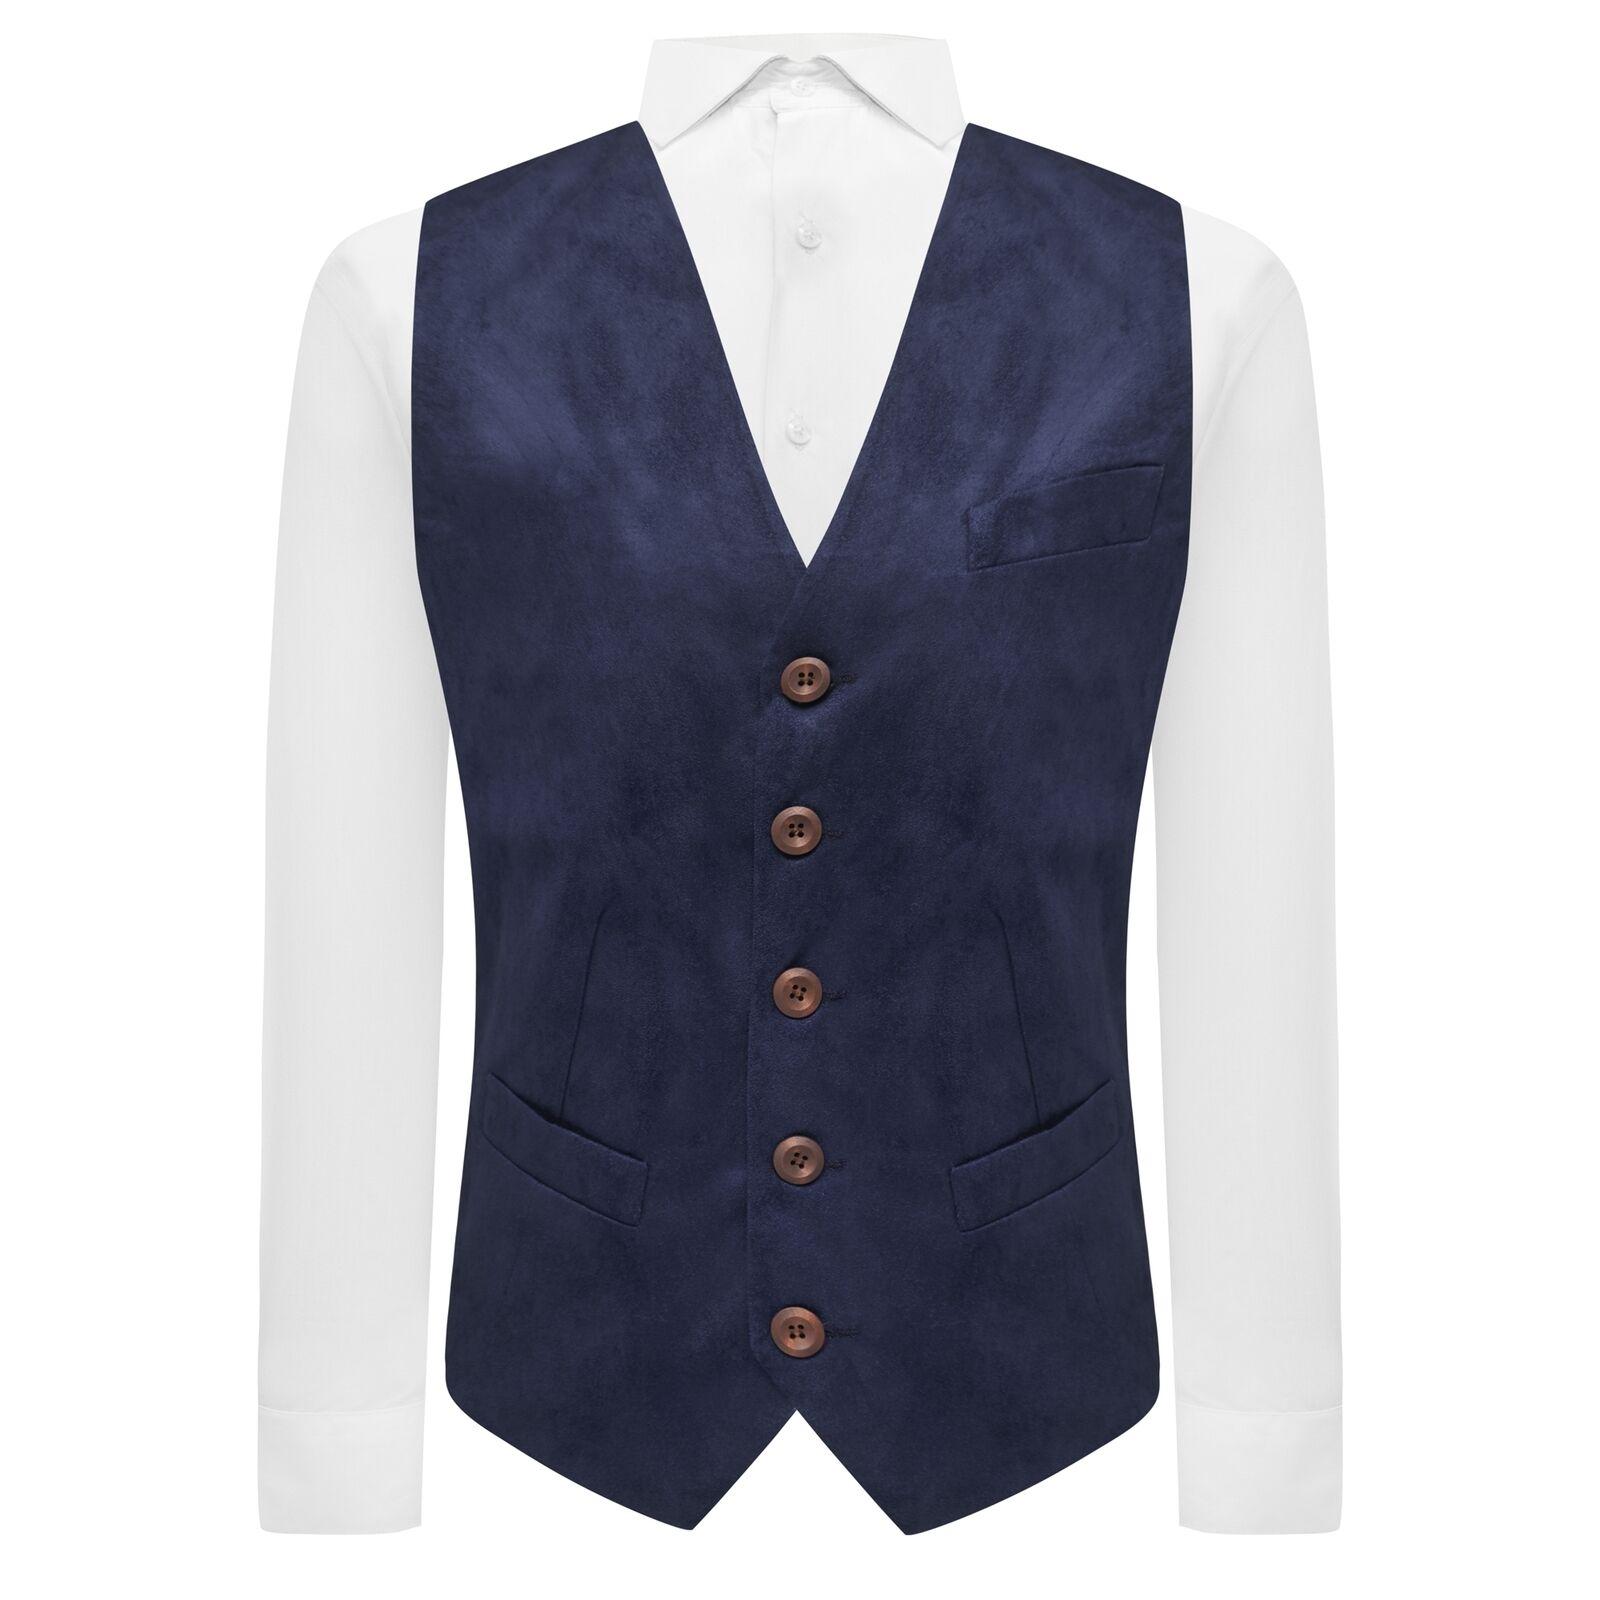 Luxury Navy Blue Suede Waistcoat, Moleskin